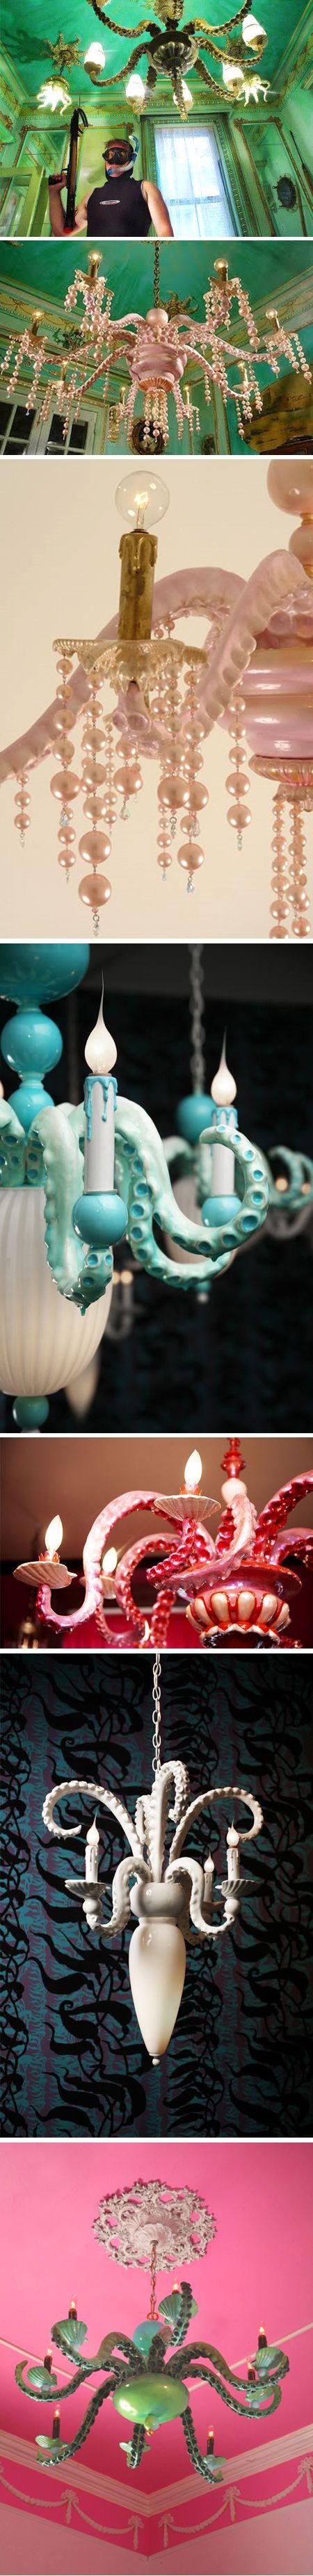 octopus chandeliers